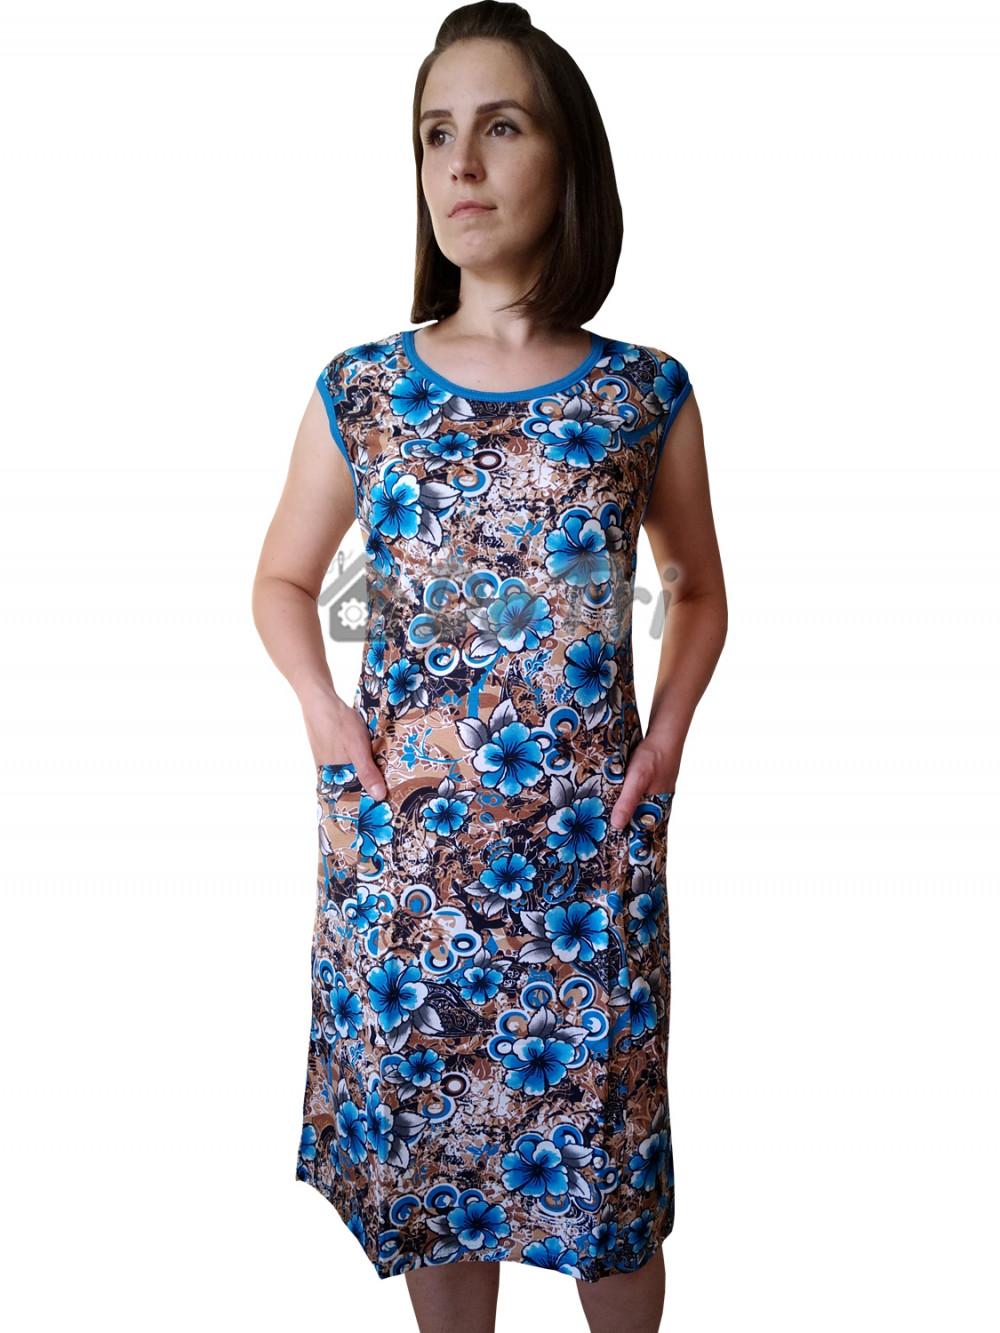 Увеличить - Платье арт 012 голубые цветы на коричневом фоне